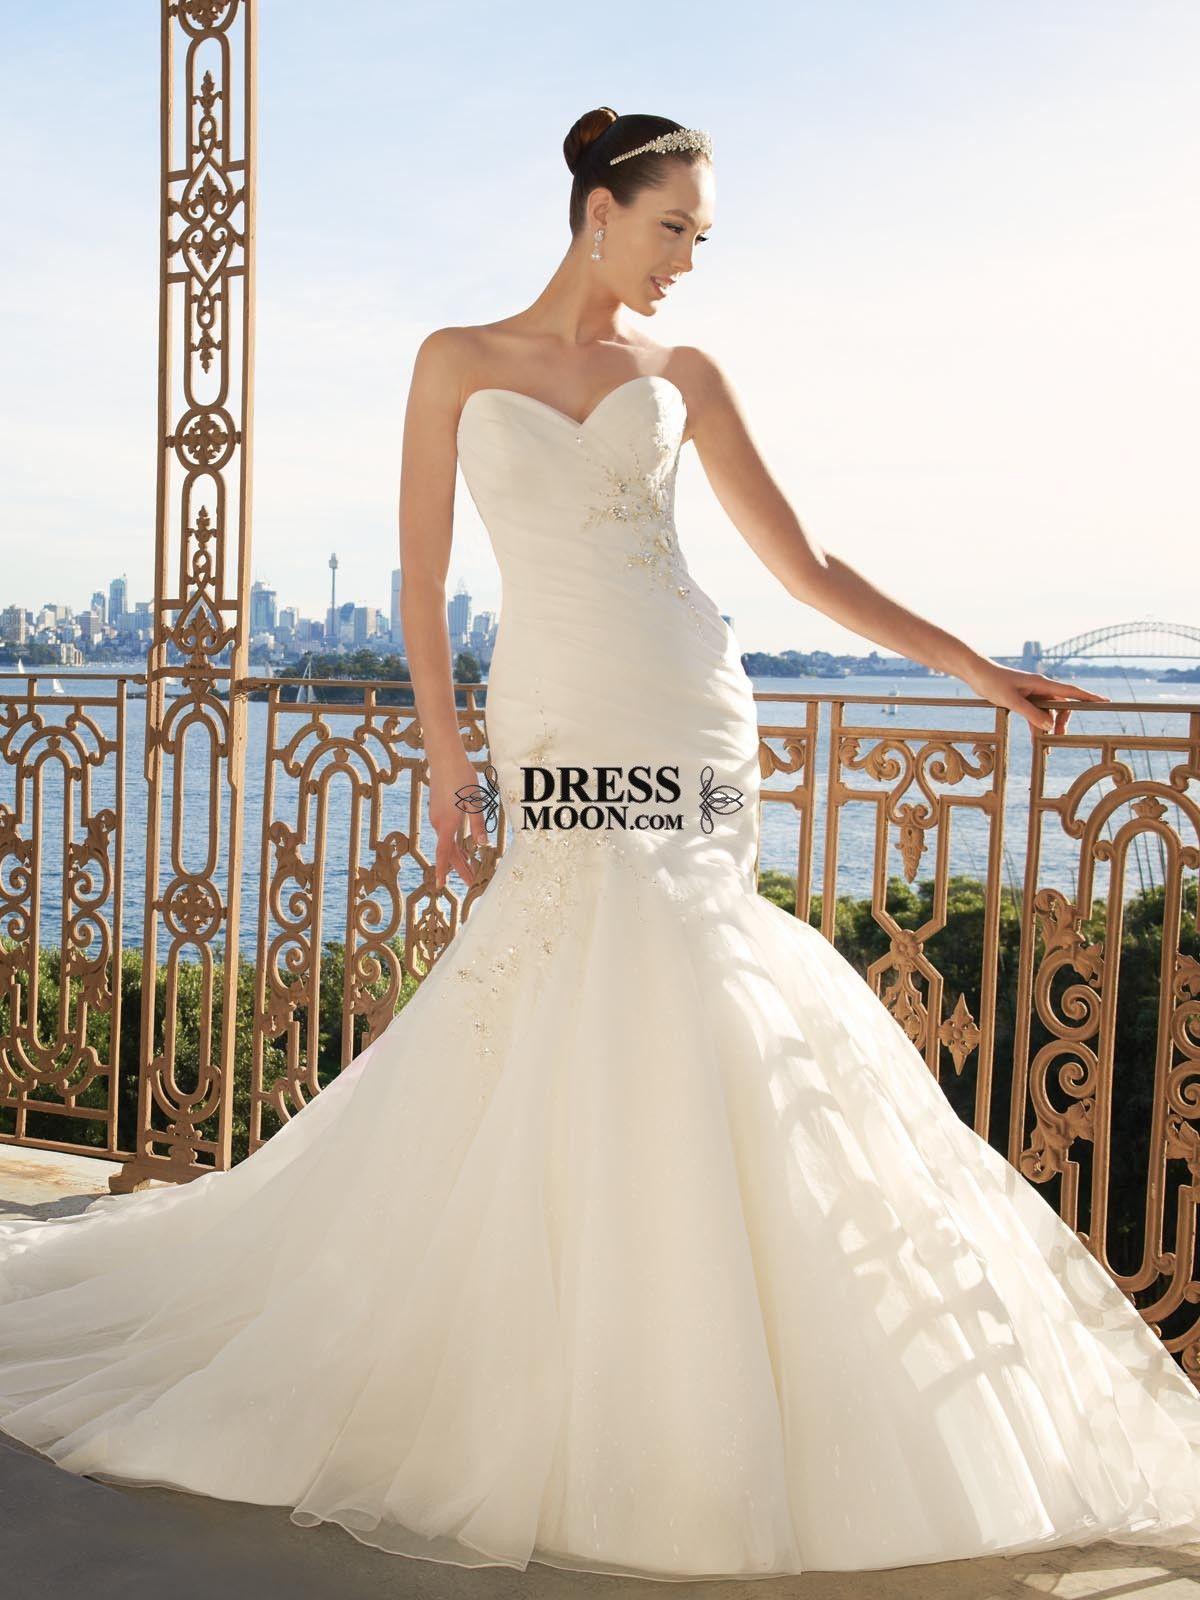 Bridal gowns for beach weddings  Wedding Dress Wedding Dresses  Wedding Dress  Pinterest